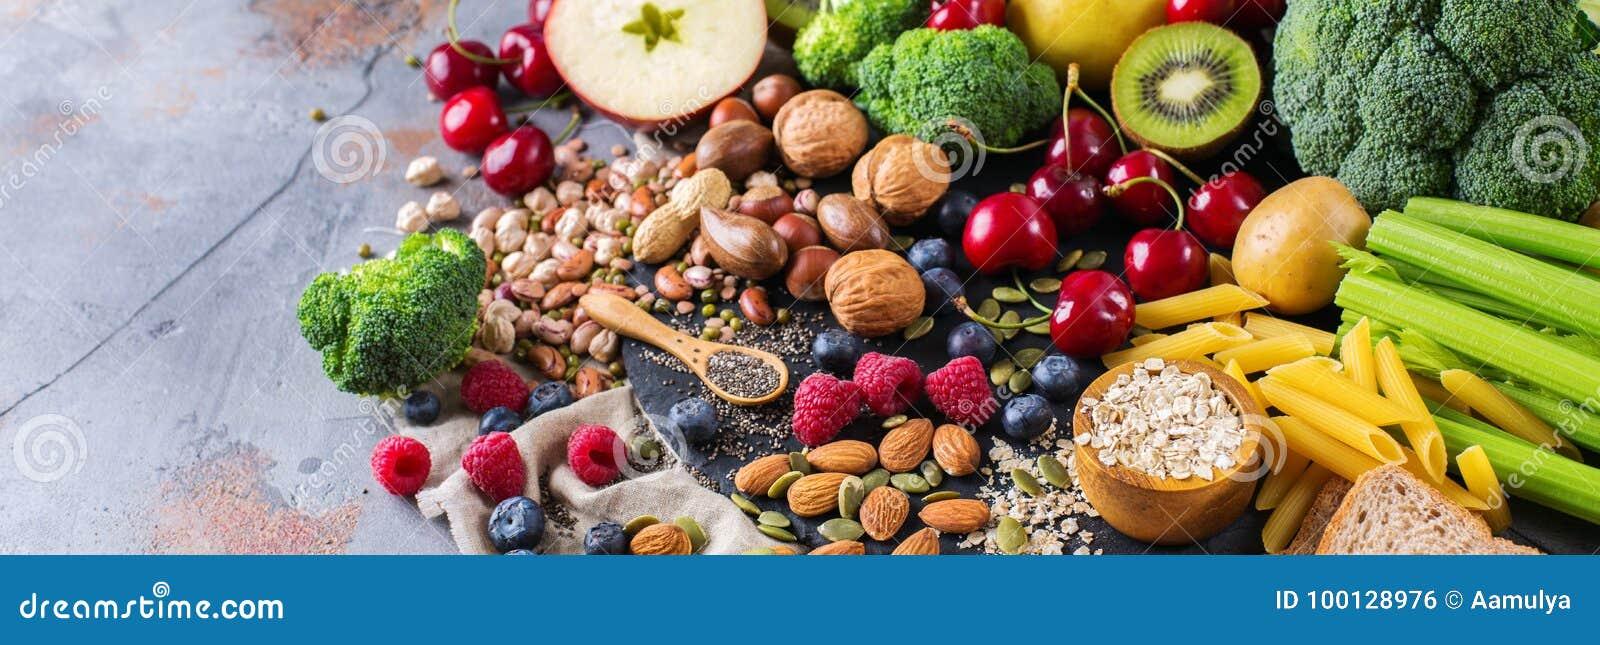 Auswahl des gesunden reichen Lebensmittels des Faserquellstrengen vegetariers für das Kochen